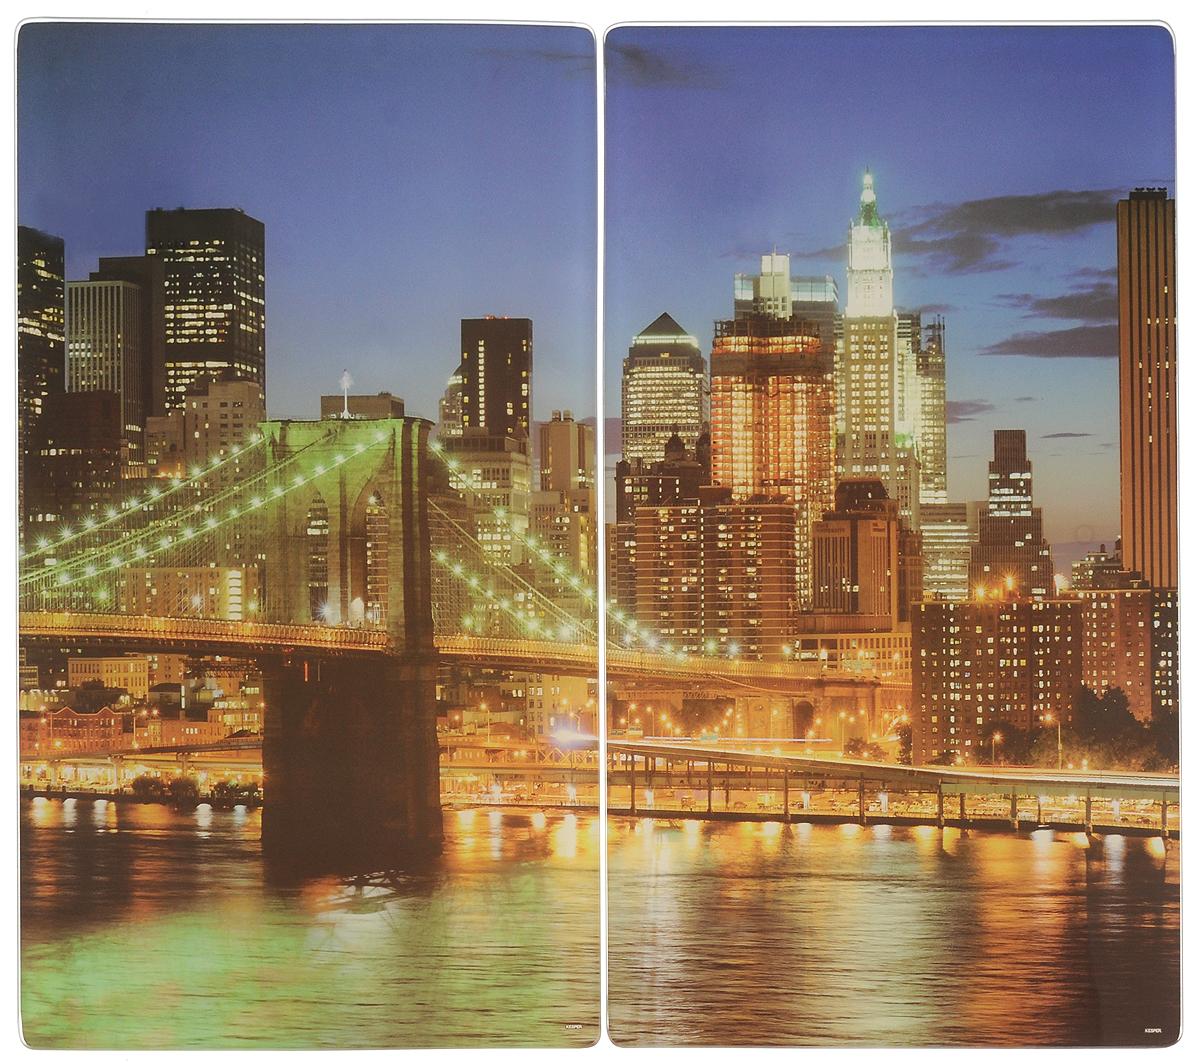 Набор разделочных досок Kesper New York, 52 х 30 см, 2 шт3652-0Набор Kesper New York состоит из двух прямоугольных разделочных досок, изготовленных из гладкого закаленного стекла с изящным изображением ночного города. Стеклянные доски устойчивы к повреждениям и не впитывают запахи, идеально подходят для разделки мяса, рыбы, приготовления теста и для нарезки любых продуктов. Доски также можно использовать как подставки под горячее, так как они выдерживают температуру до 280°C. Силиконовые ножки, расположенные на основании, не позволят разделочной доске скользить по столу. Можно мыть в посудомоечной машине.